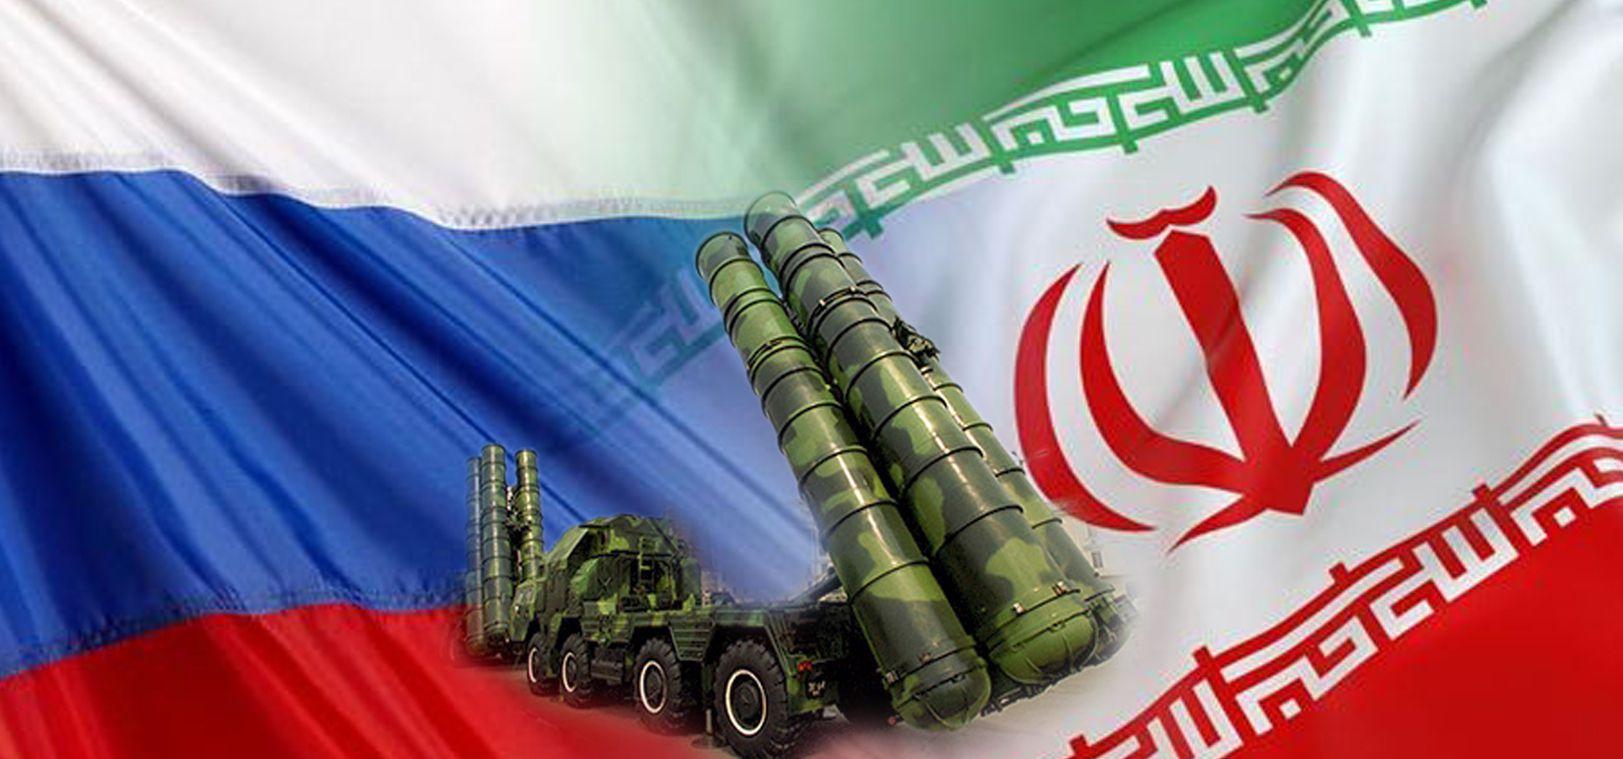 Azeri Sahar Tv | Какие будут последствия после  передачи ракет С-300 Ирану?  Мнение российских экспертов. |